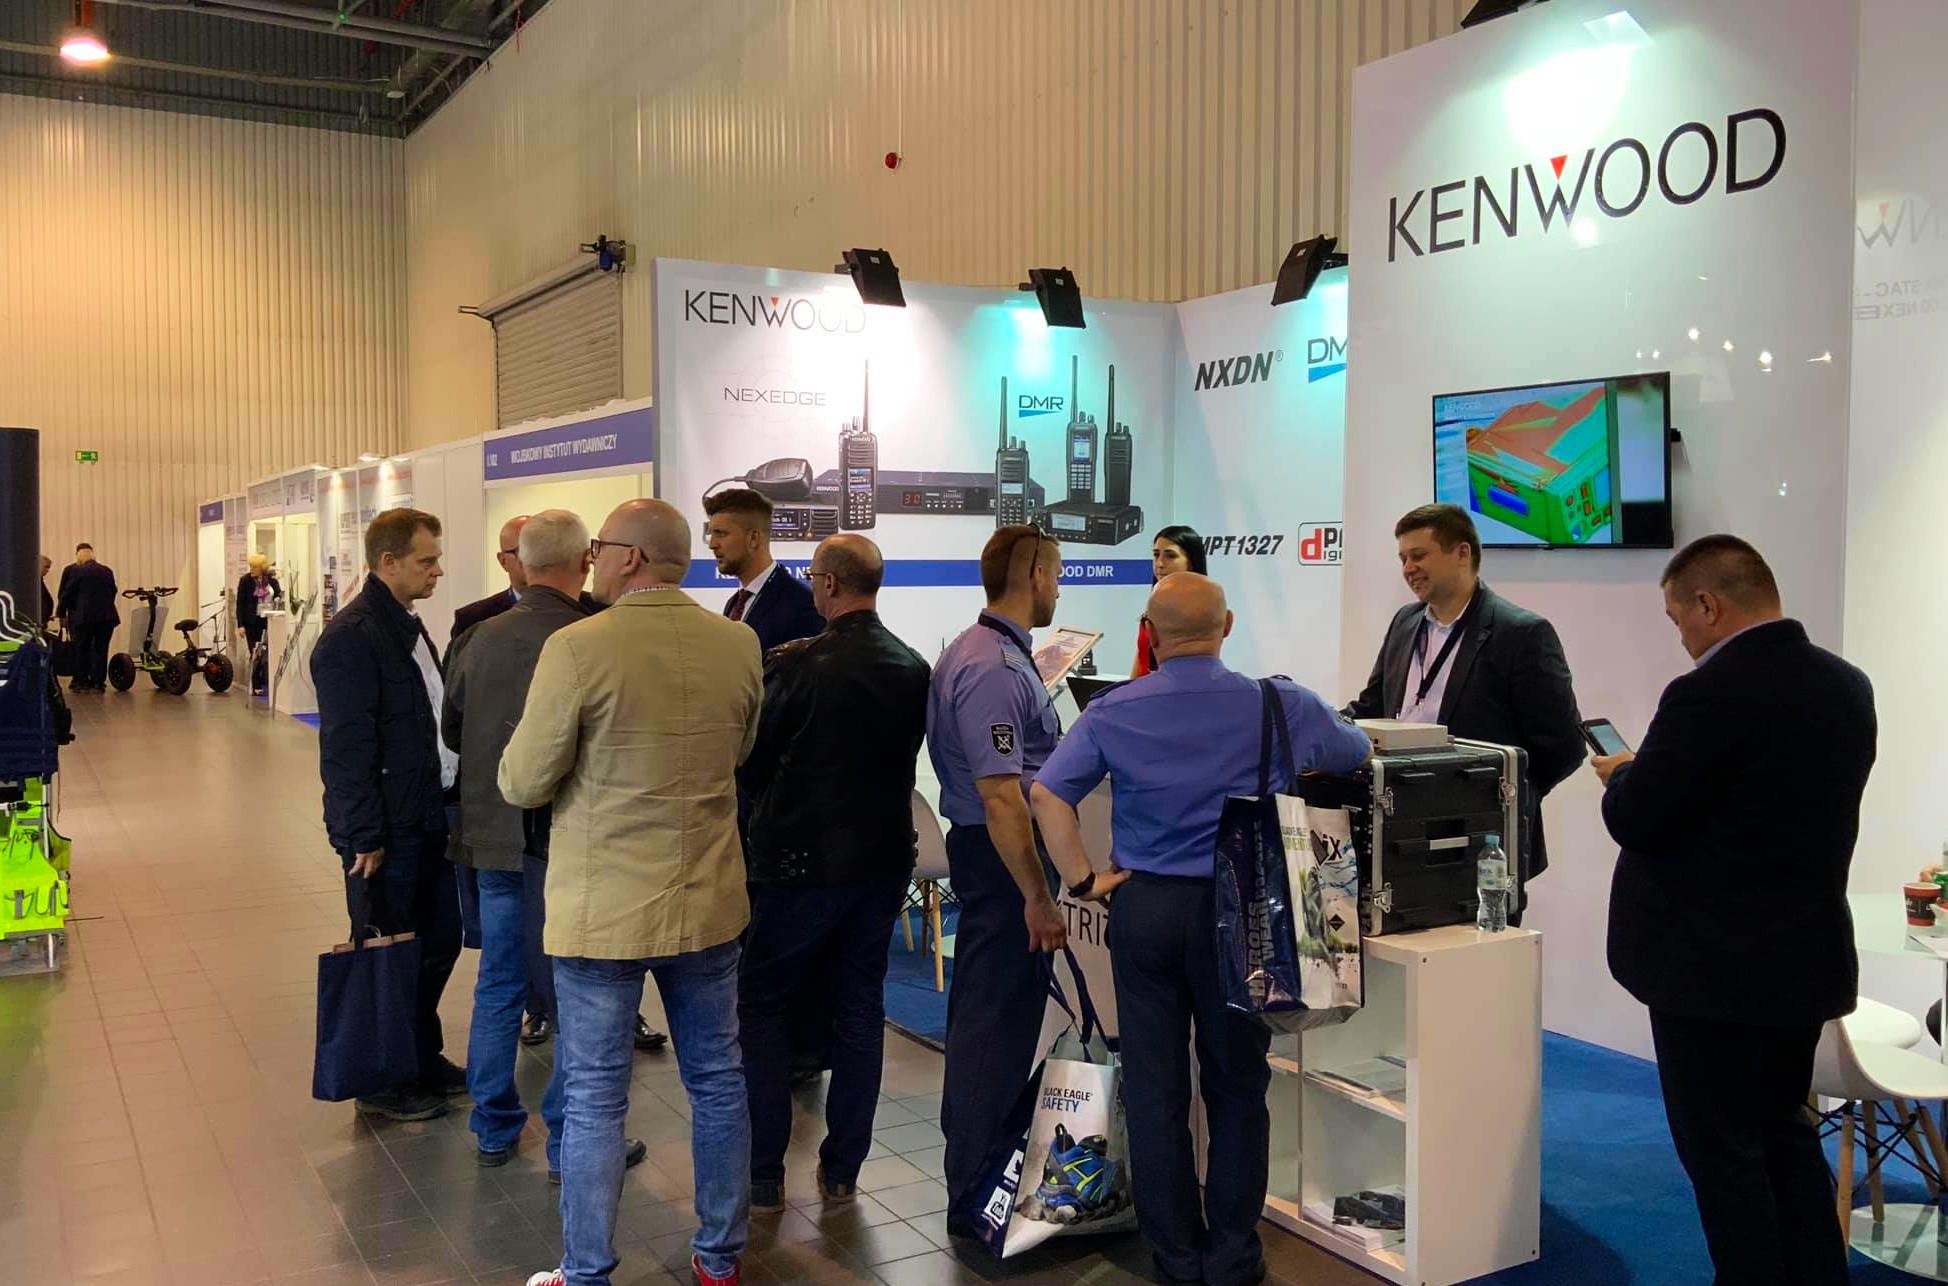 17-Kenwood-Elektrit-stoisko-Europoltech-2019.jpg